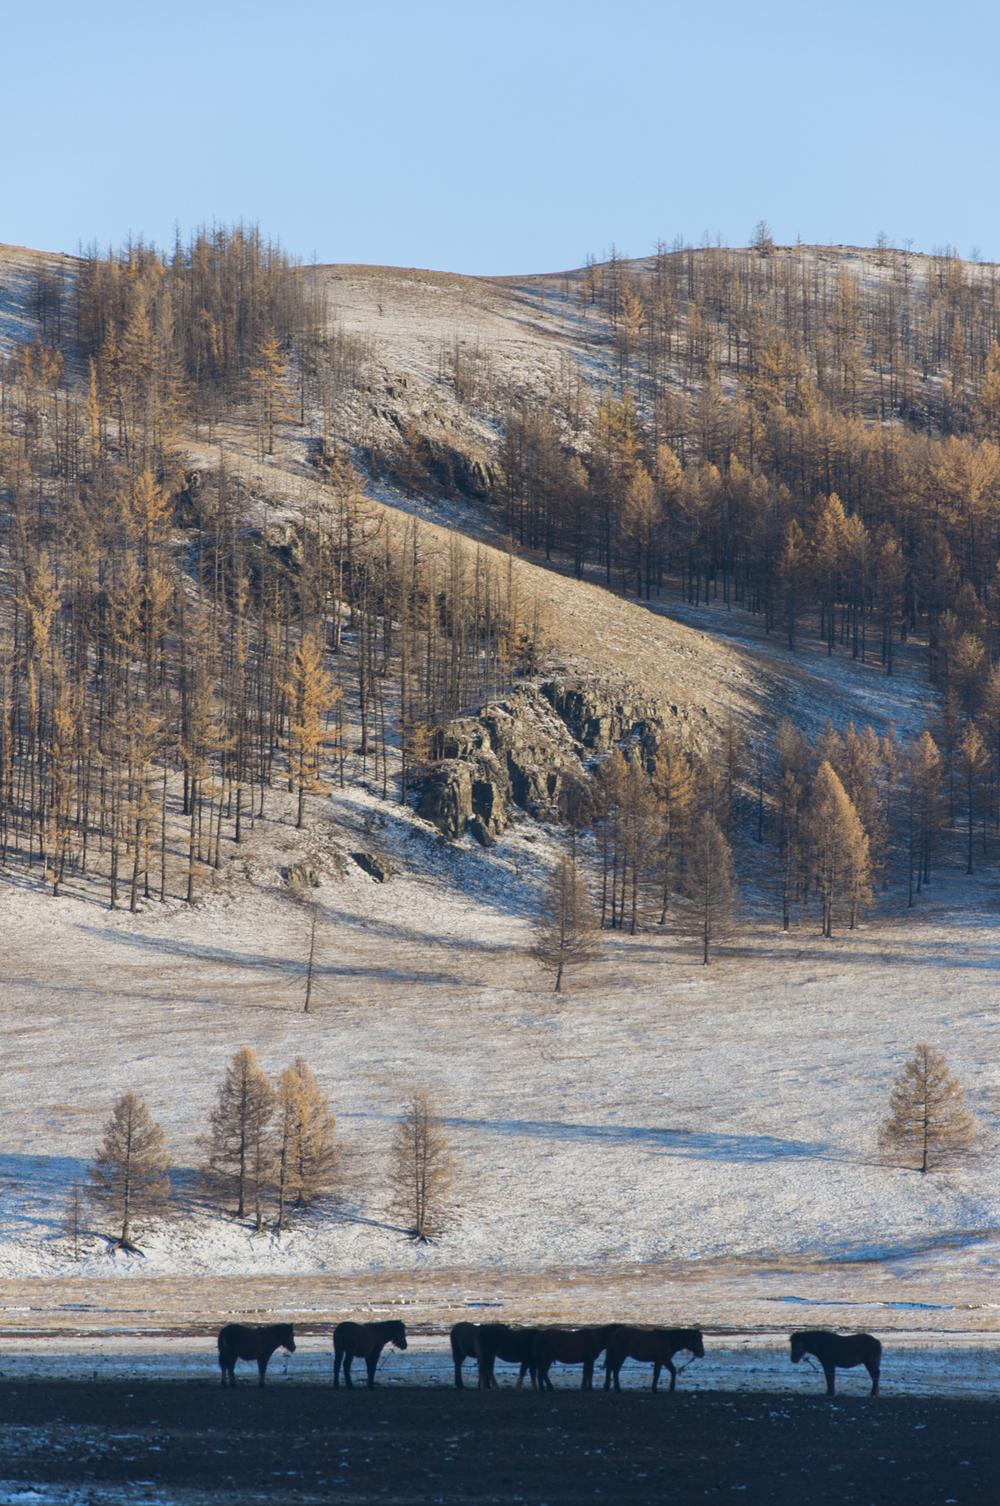 mongolie_30_4.jpg